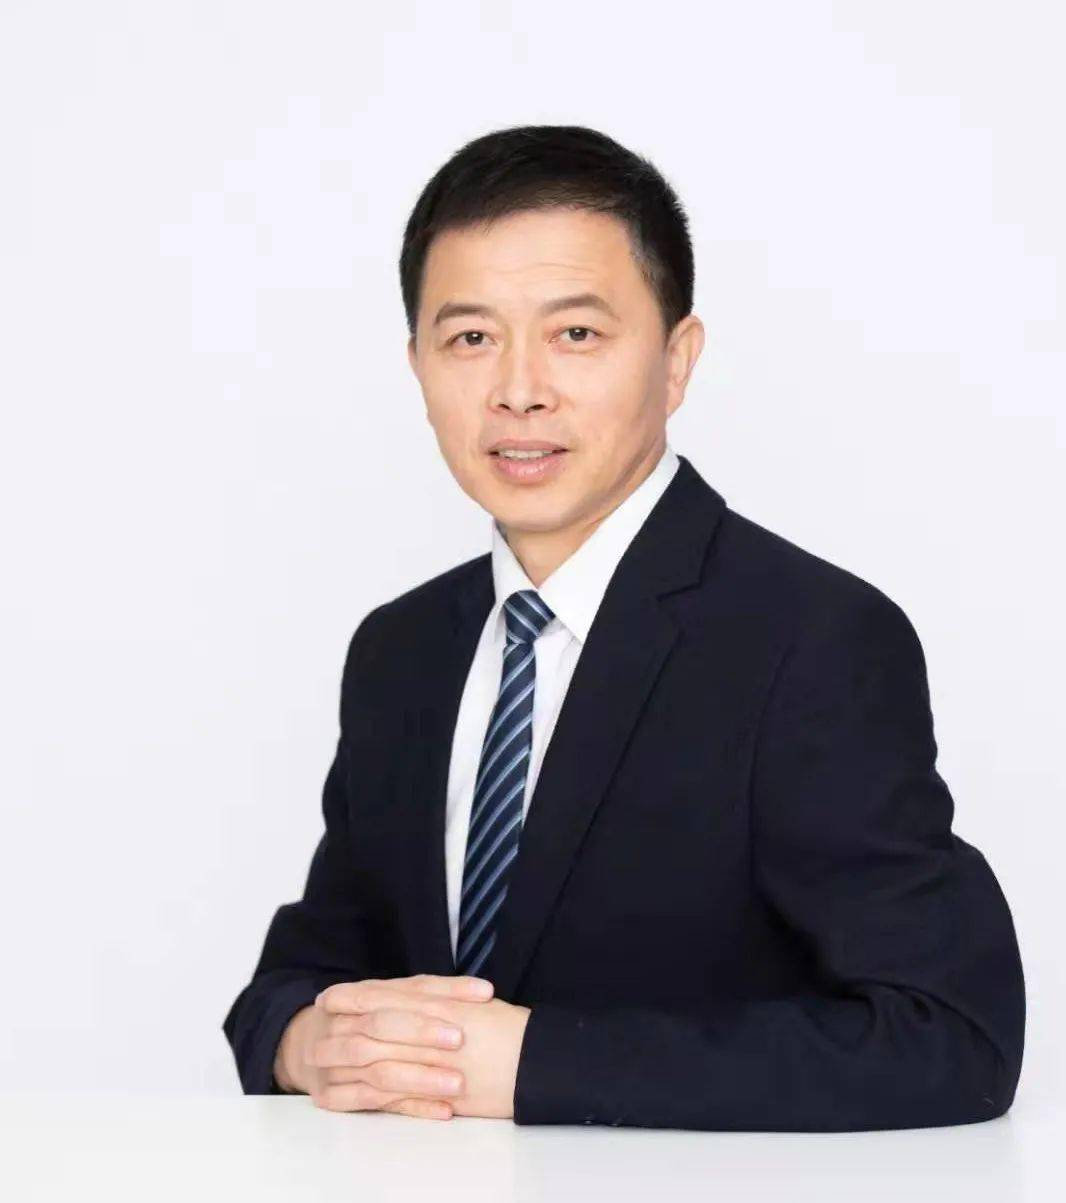 罗志敏, 陈春莲 大学校友组织:公共性建构与组织成长——以武汉大学校友抗疫应急救援行动为例